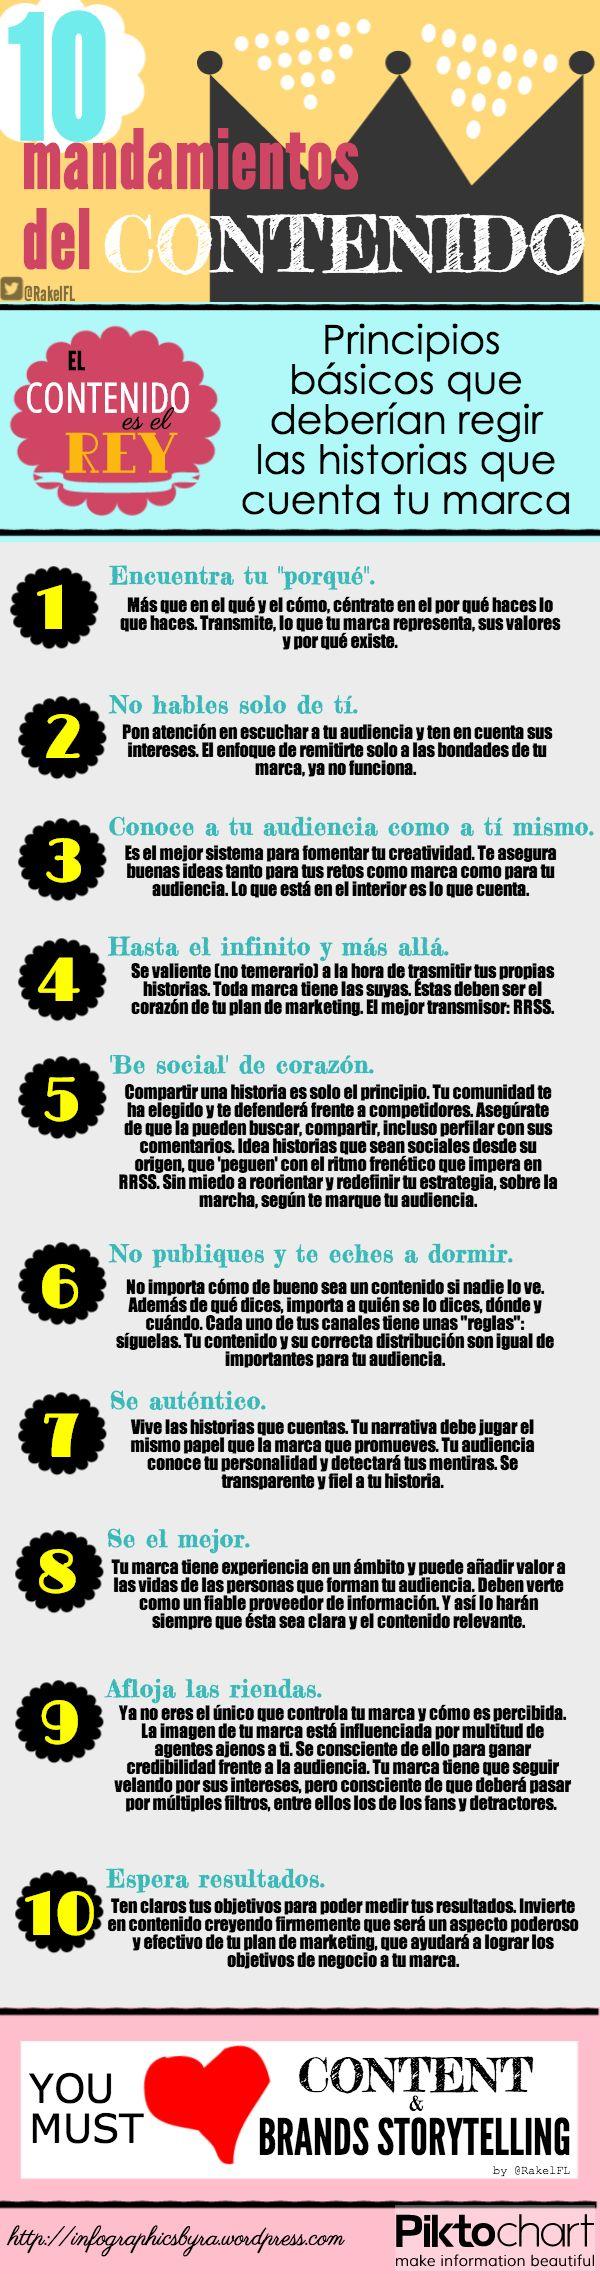 Los 10 mandamientos del contenido #infografia #infographic #marketing http://seo-rebeldesonline.com/analizar-palabras-clave/